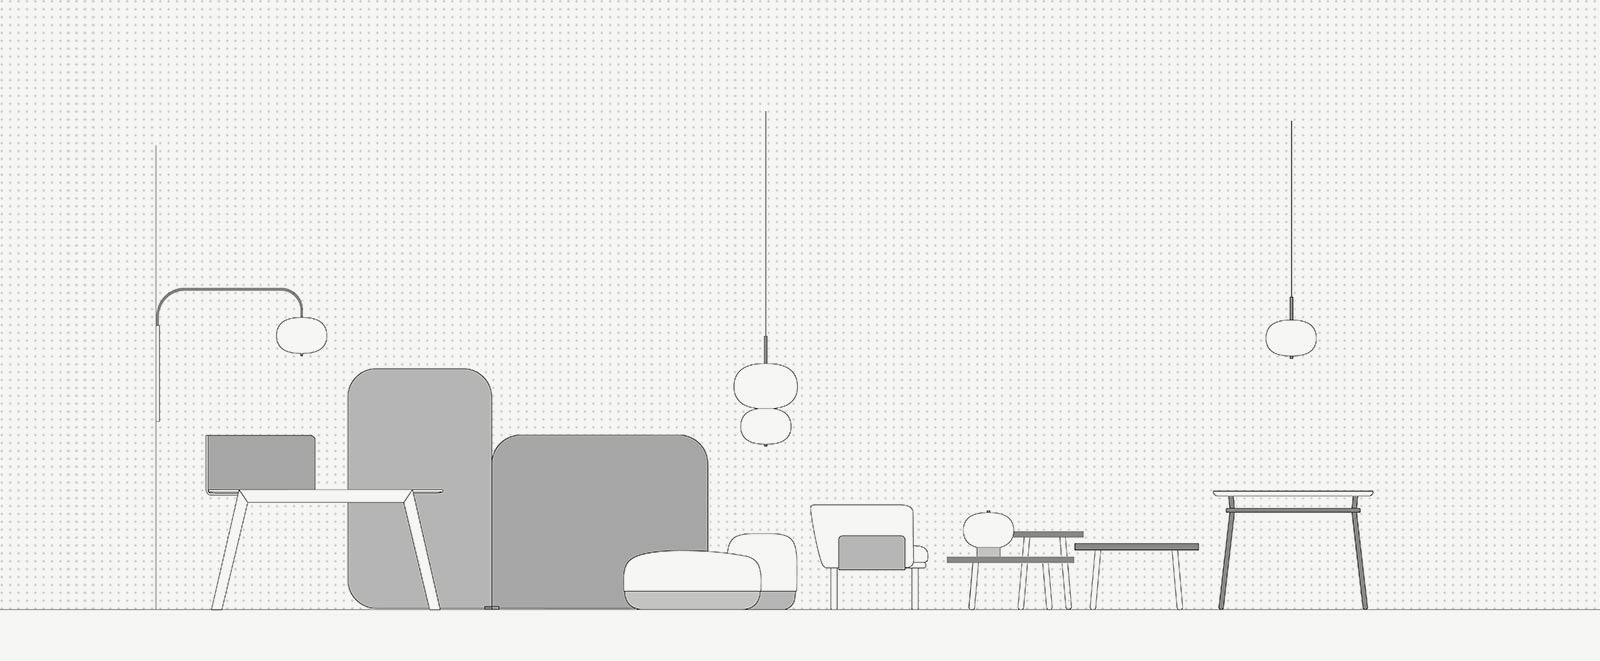 Iratzoki-Lizaso-Furniture-Design-Studio